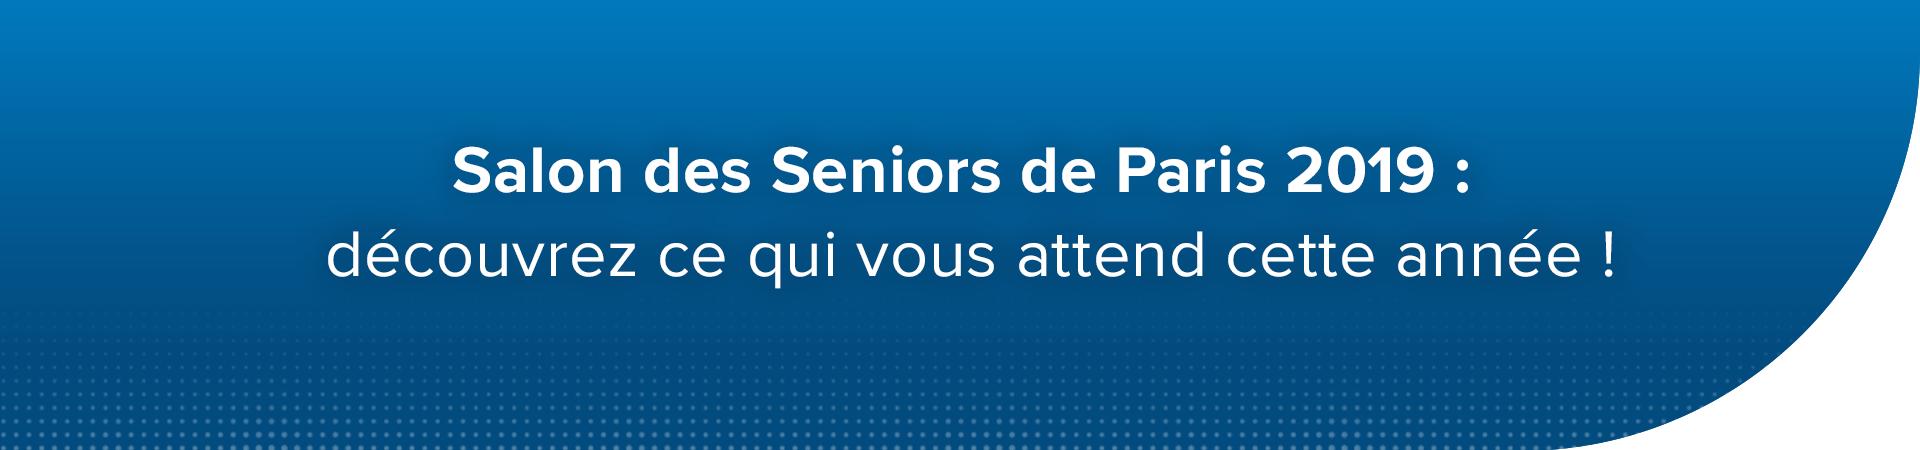 le programme du salon seniors 2019 paris